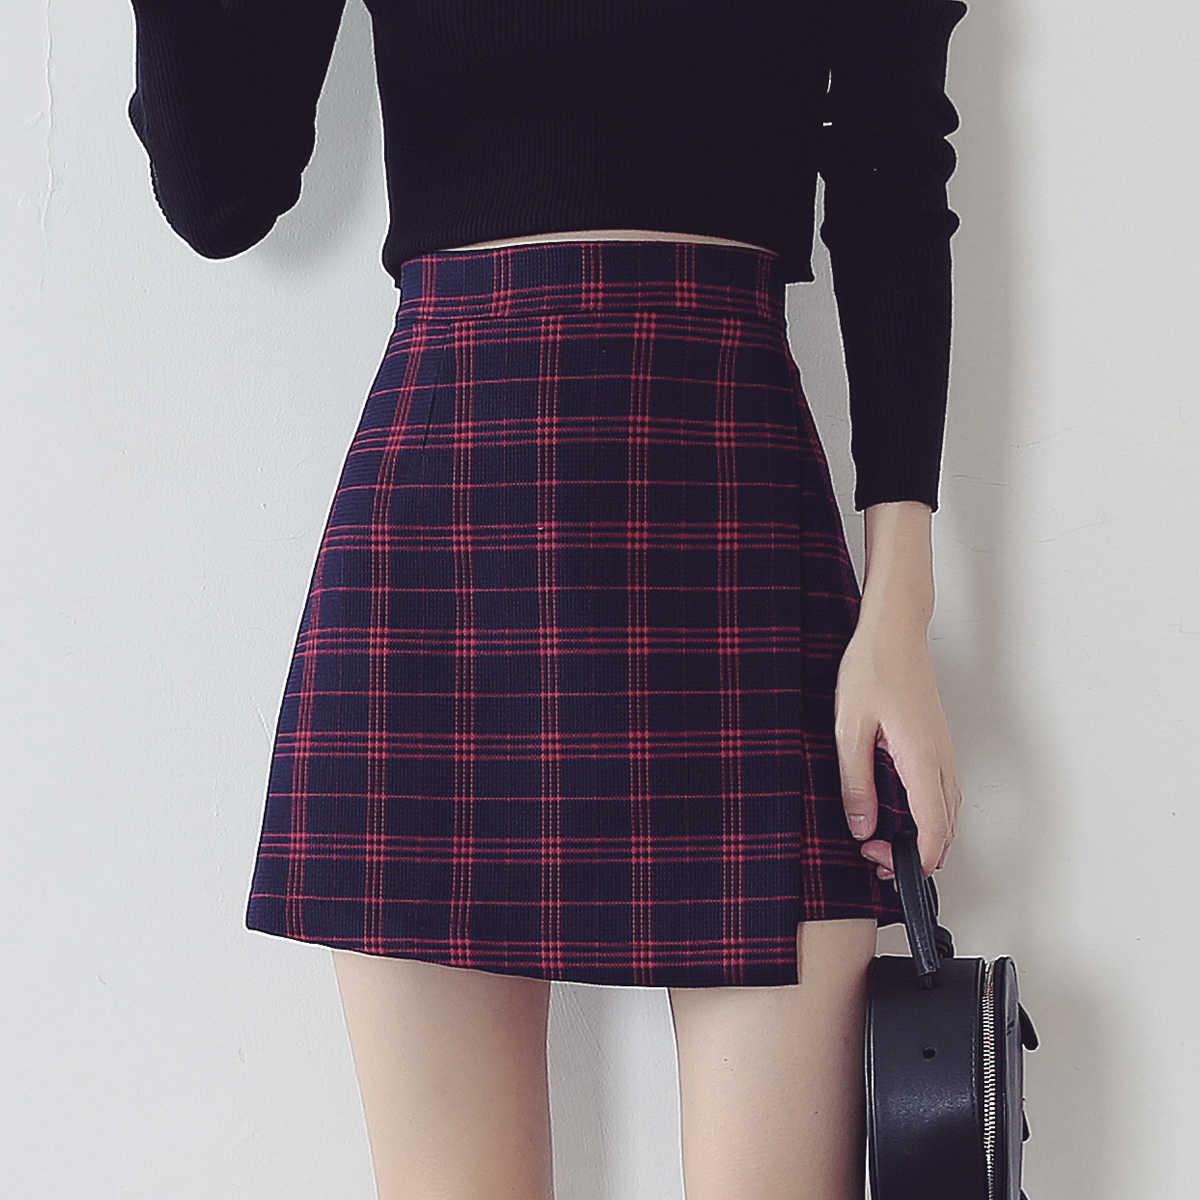 25f56a7f65d Женские летние юбки плюс размер Модная шикарная клетчатая юбка с высокой  талией А-силуэта винтажная